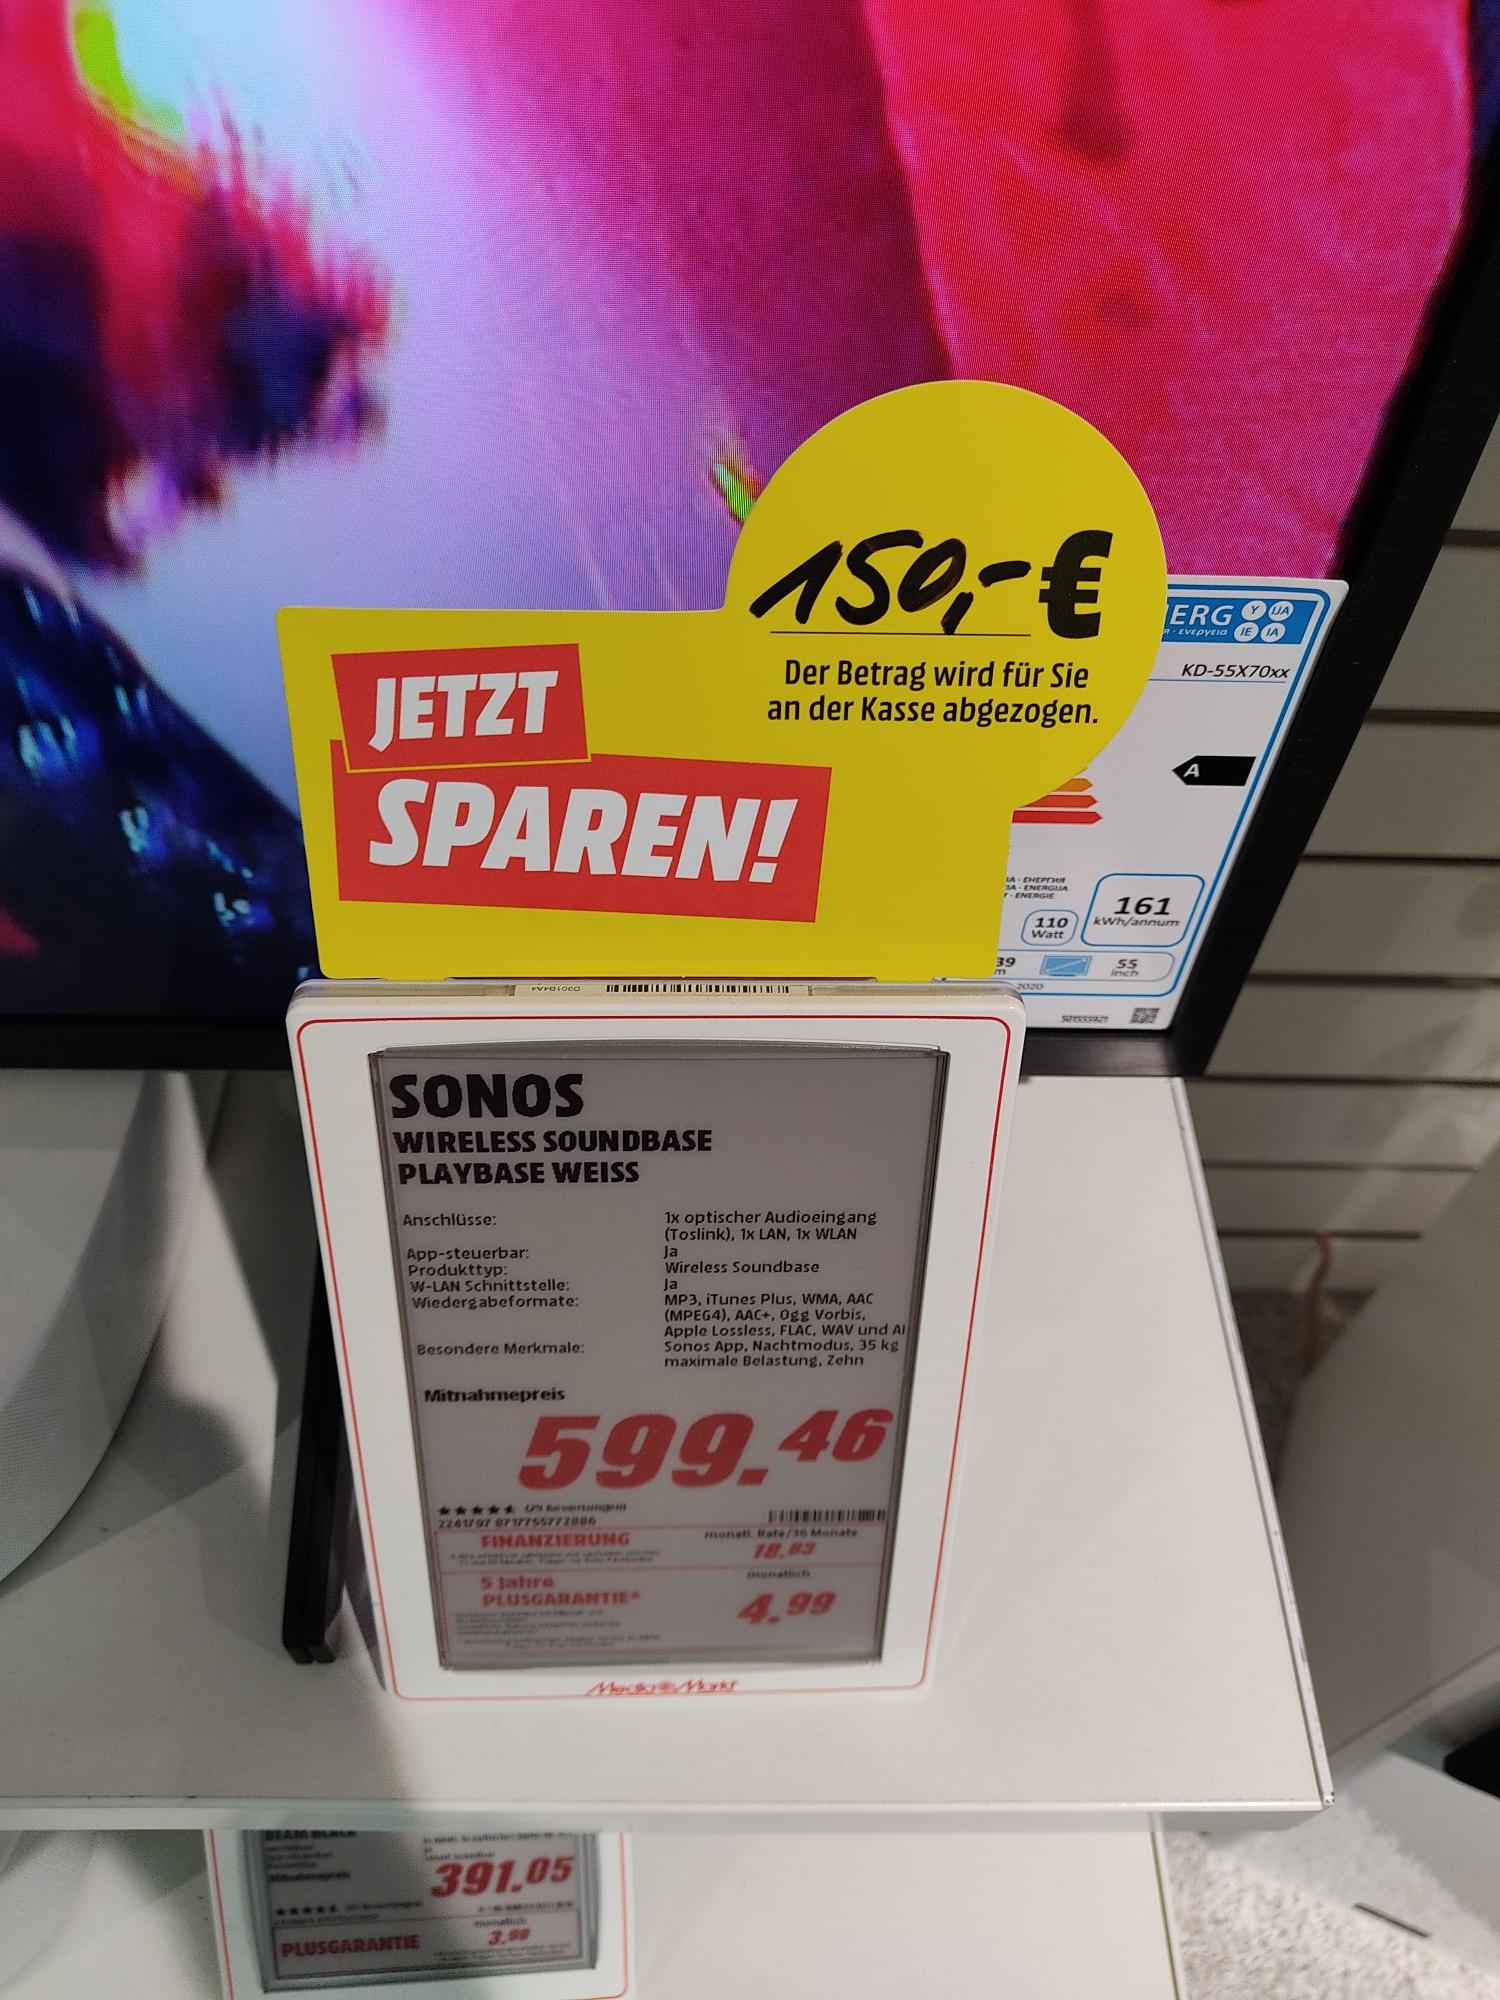 Media Markt Erfurt im TEC, Sonos Playbase in weiß